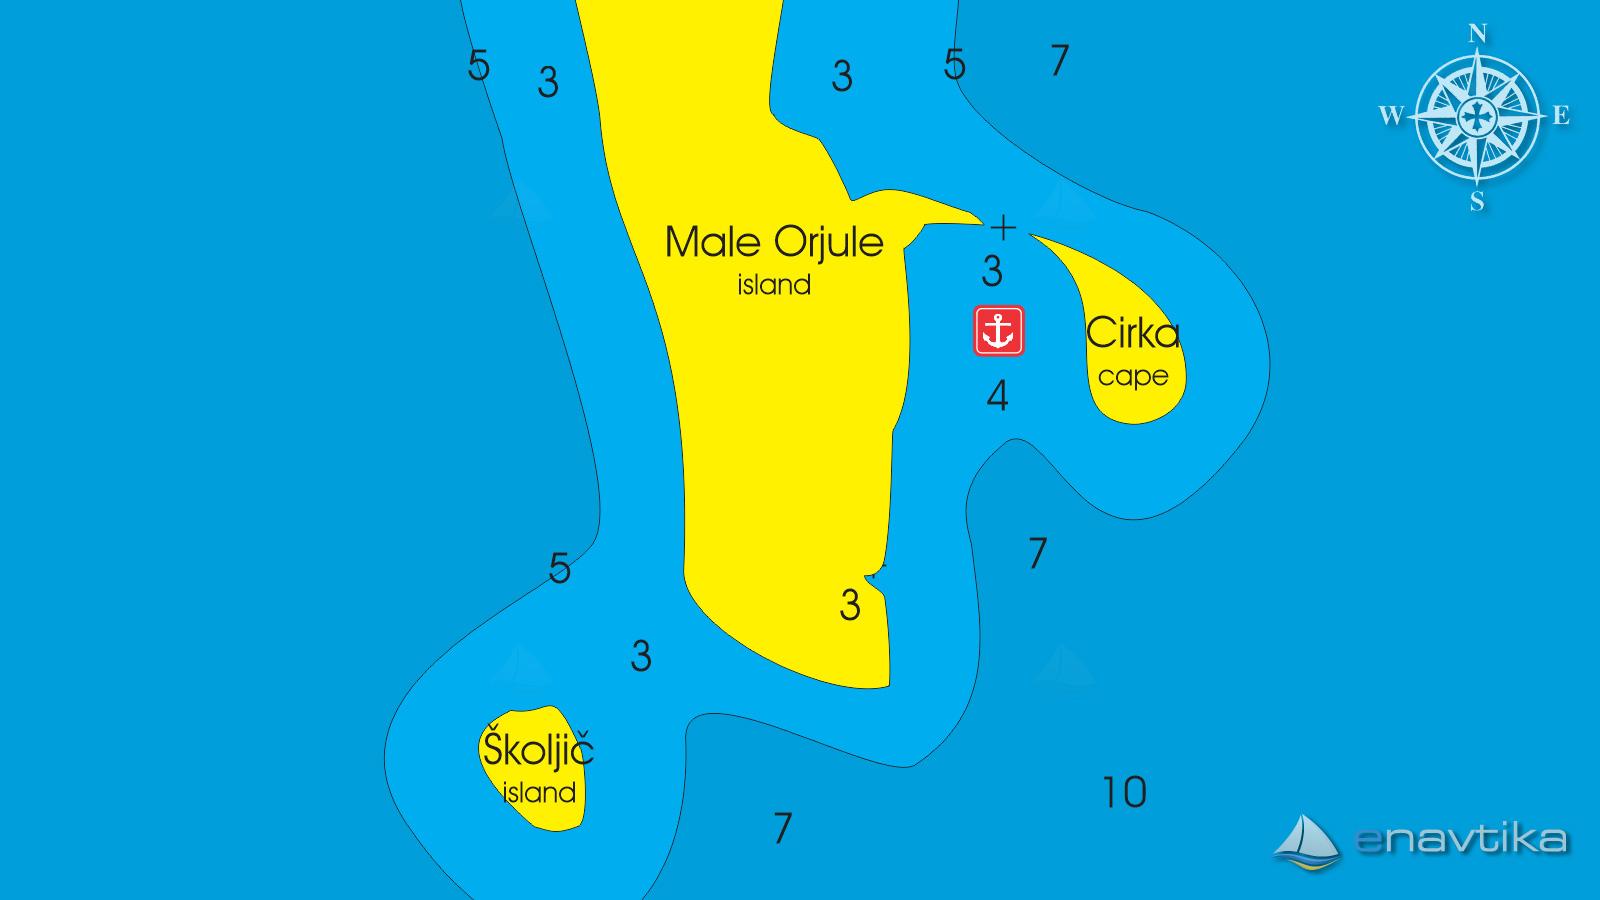 Slika Male Orjule 2